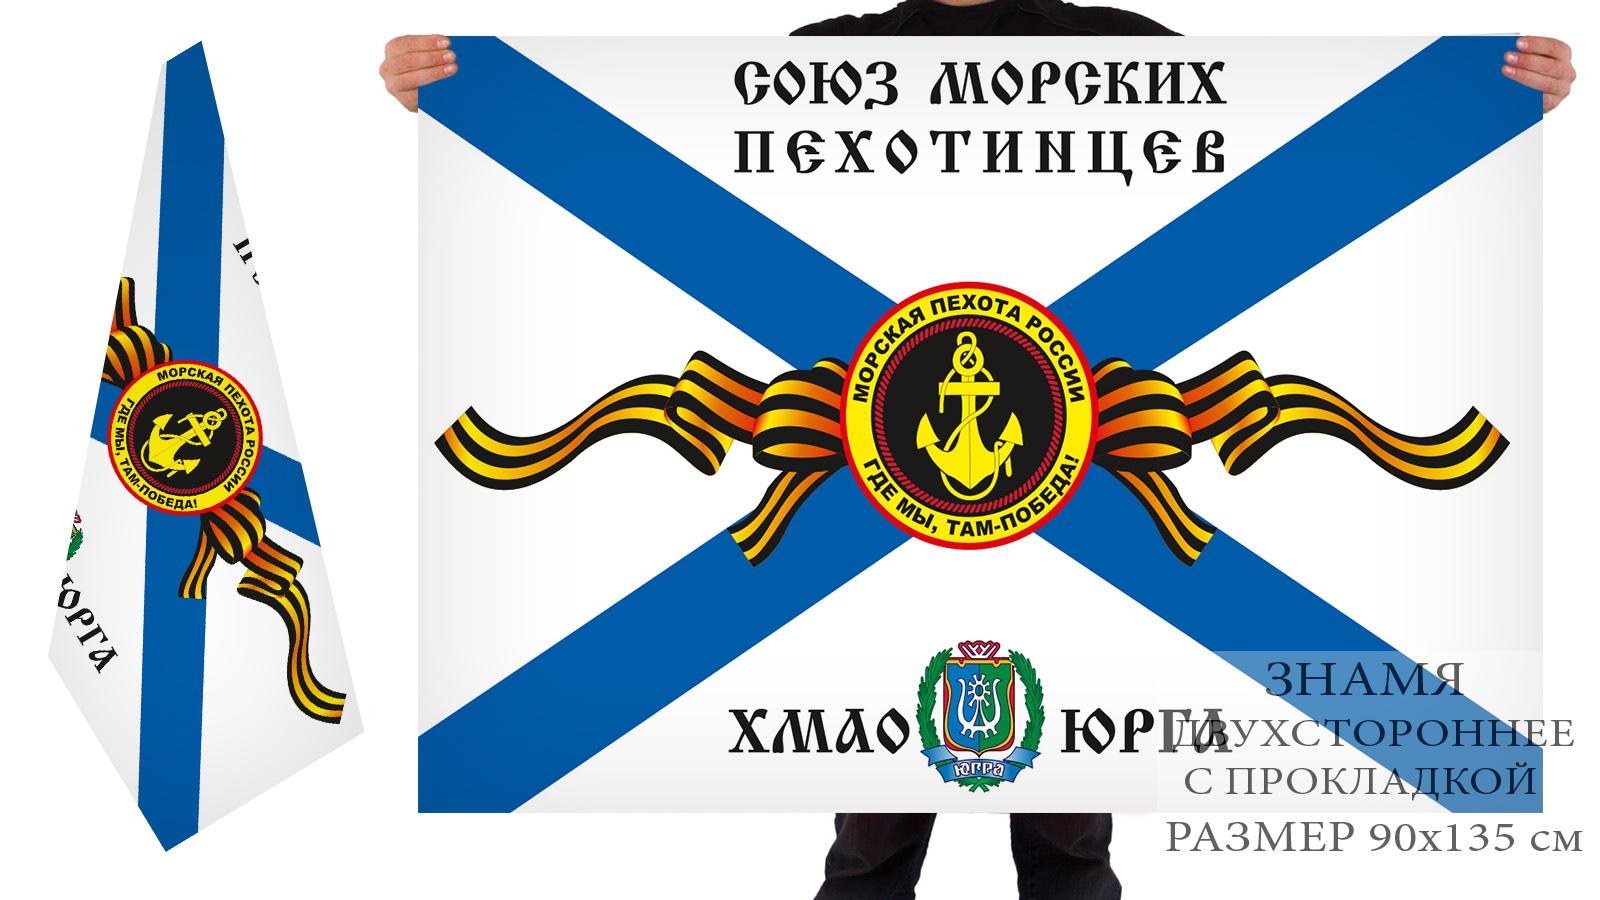 Двухсторонний флаг ветеранов Морской пехоты «Союз морских пехотинцев ХМАО-Югра»